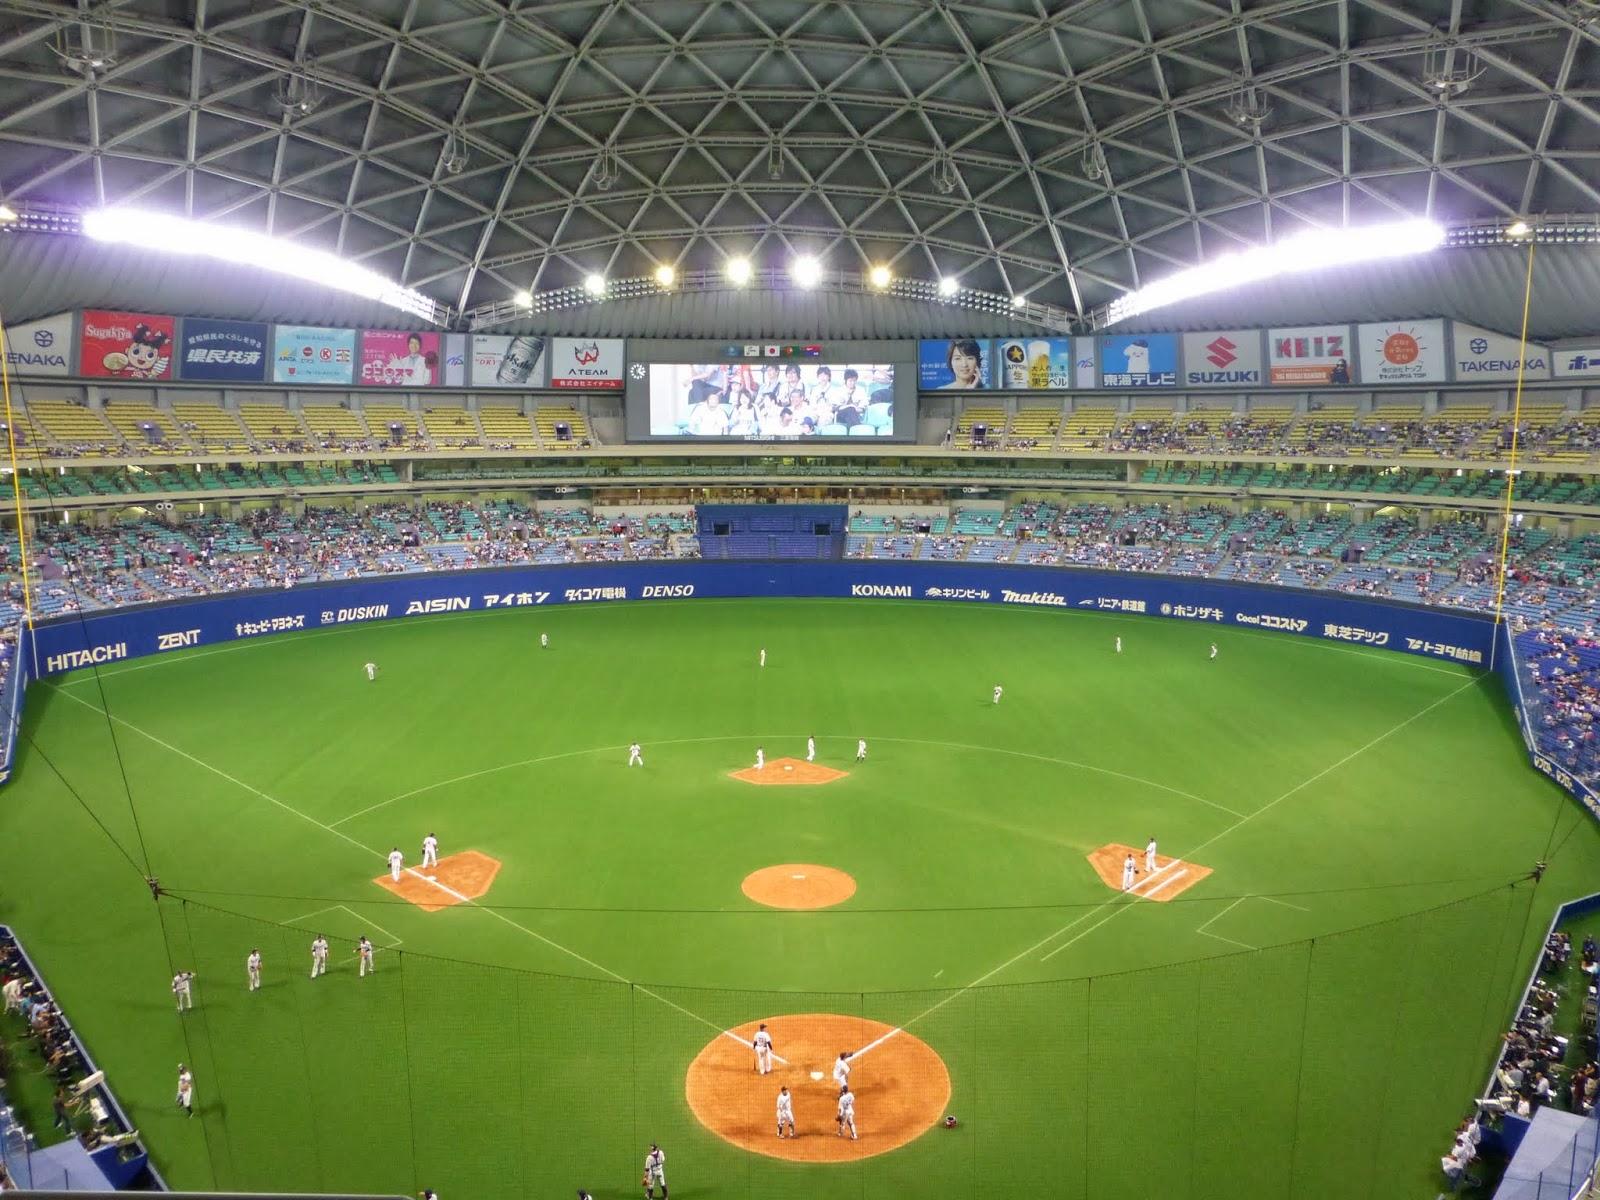 Chaos And Kanji Nagoya Dome A Baseball Game With The Chunichi Dragons